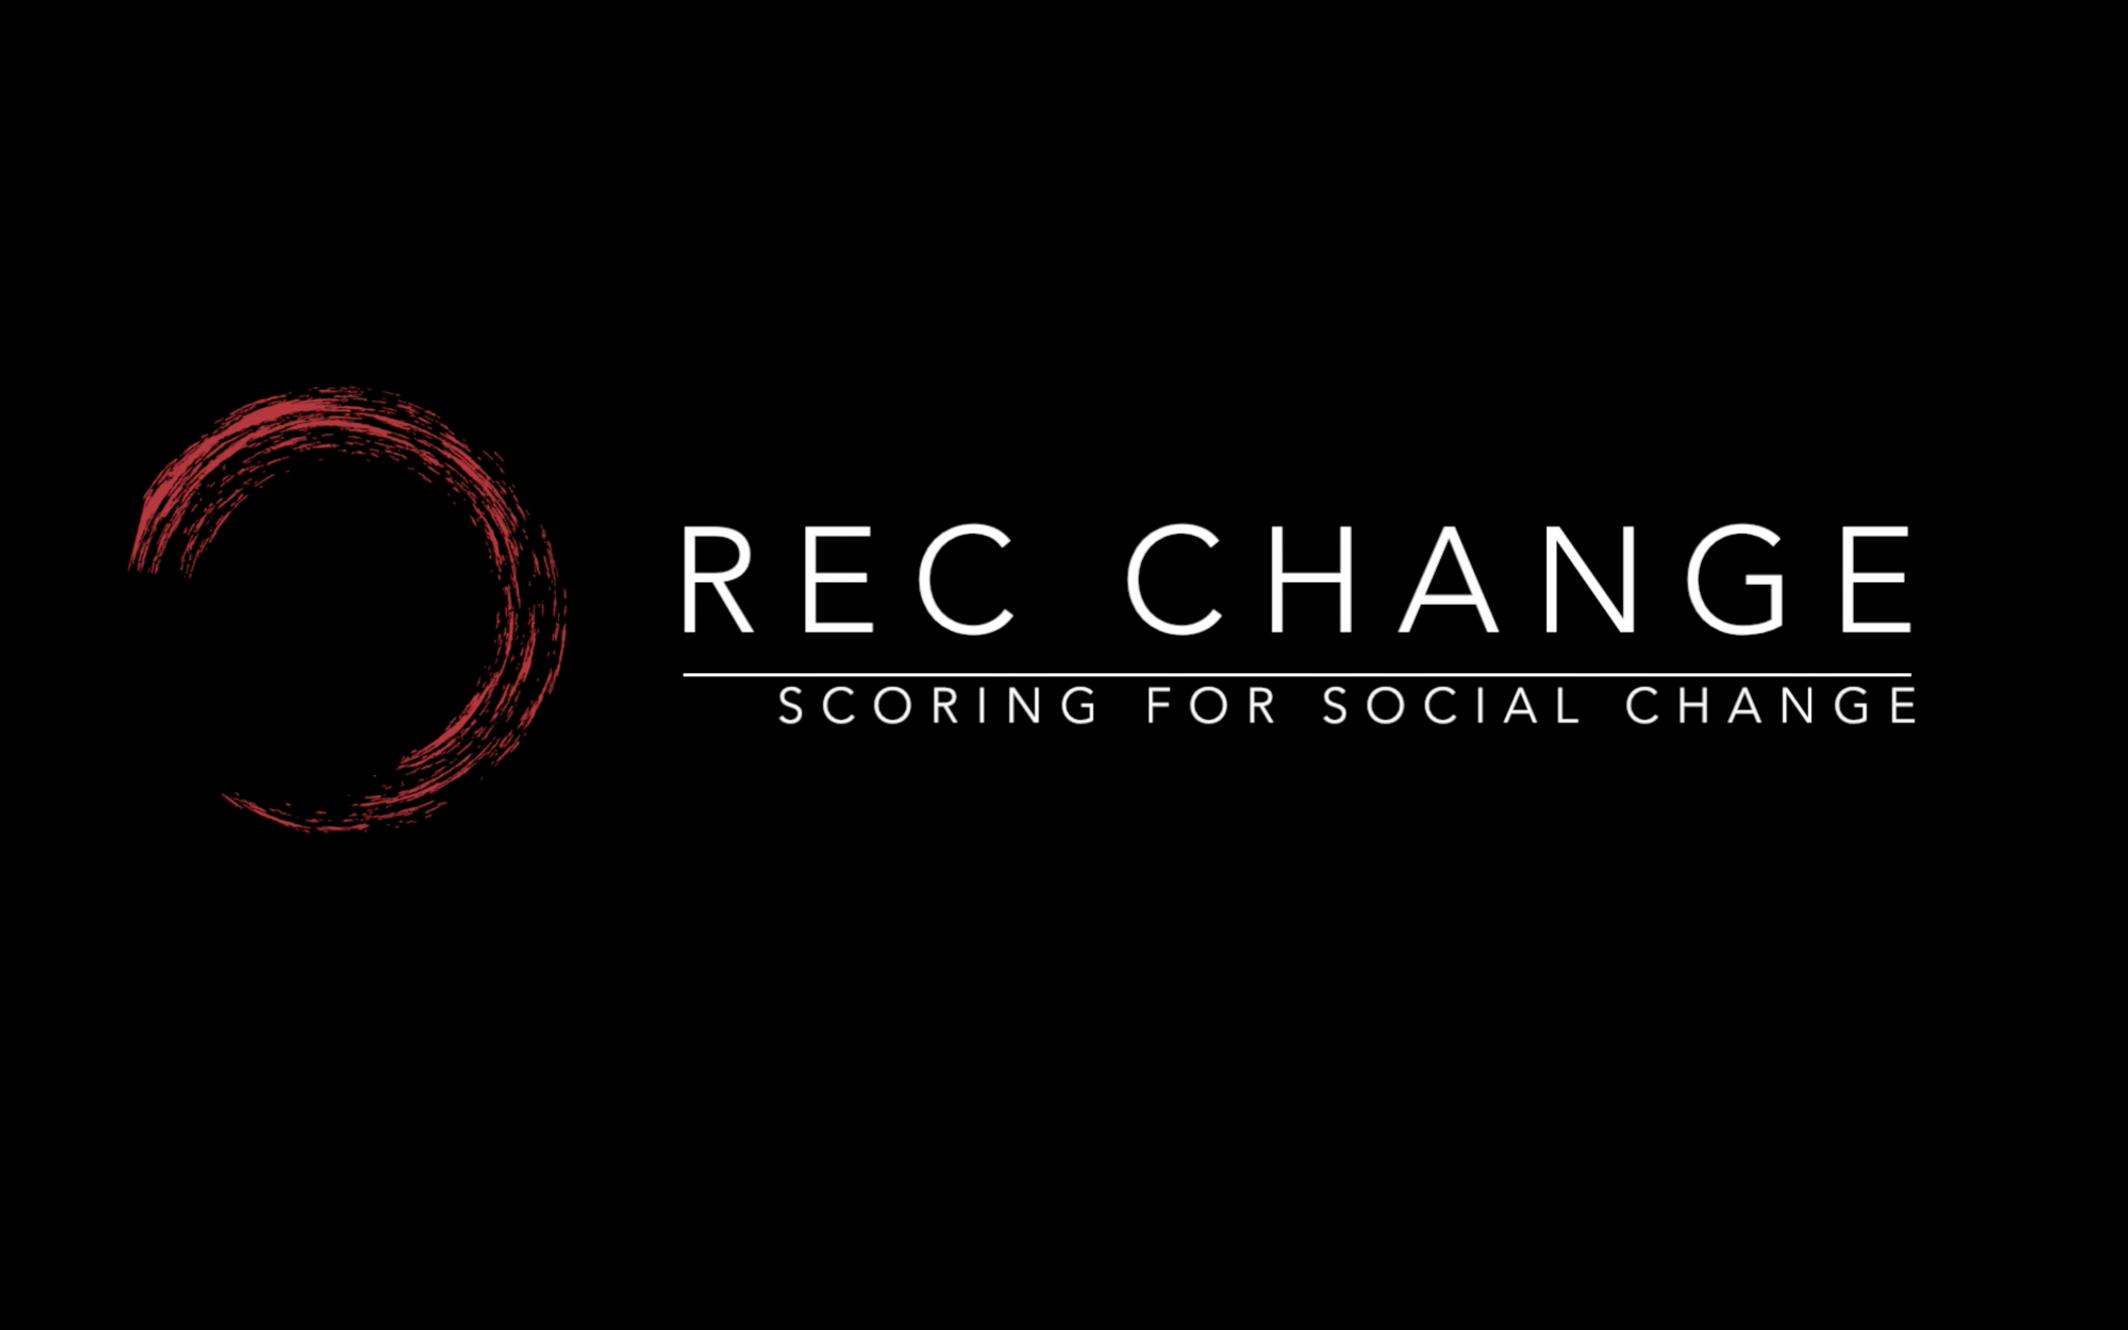 www.recchange.com